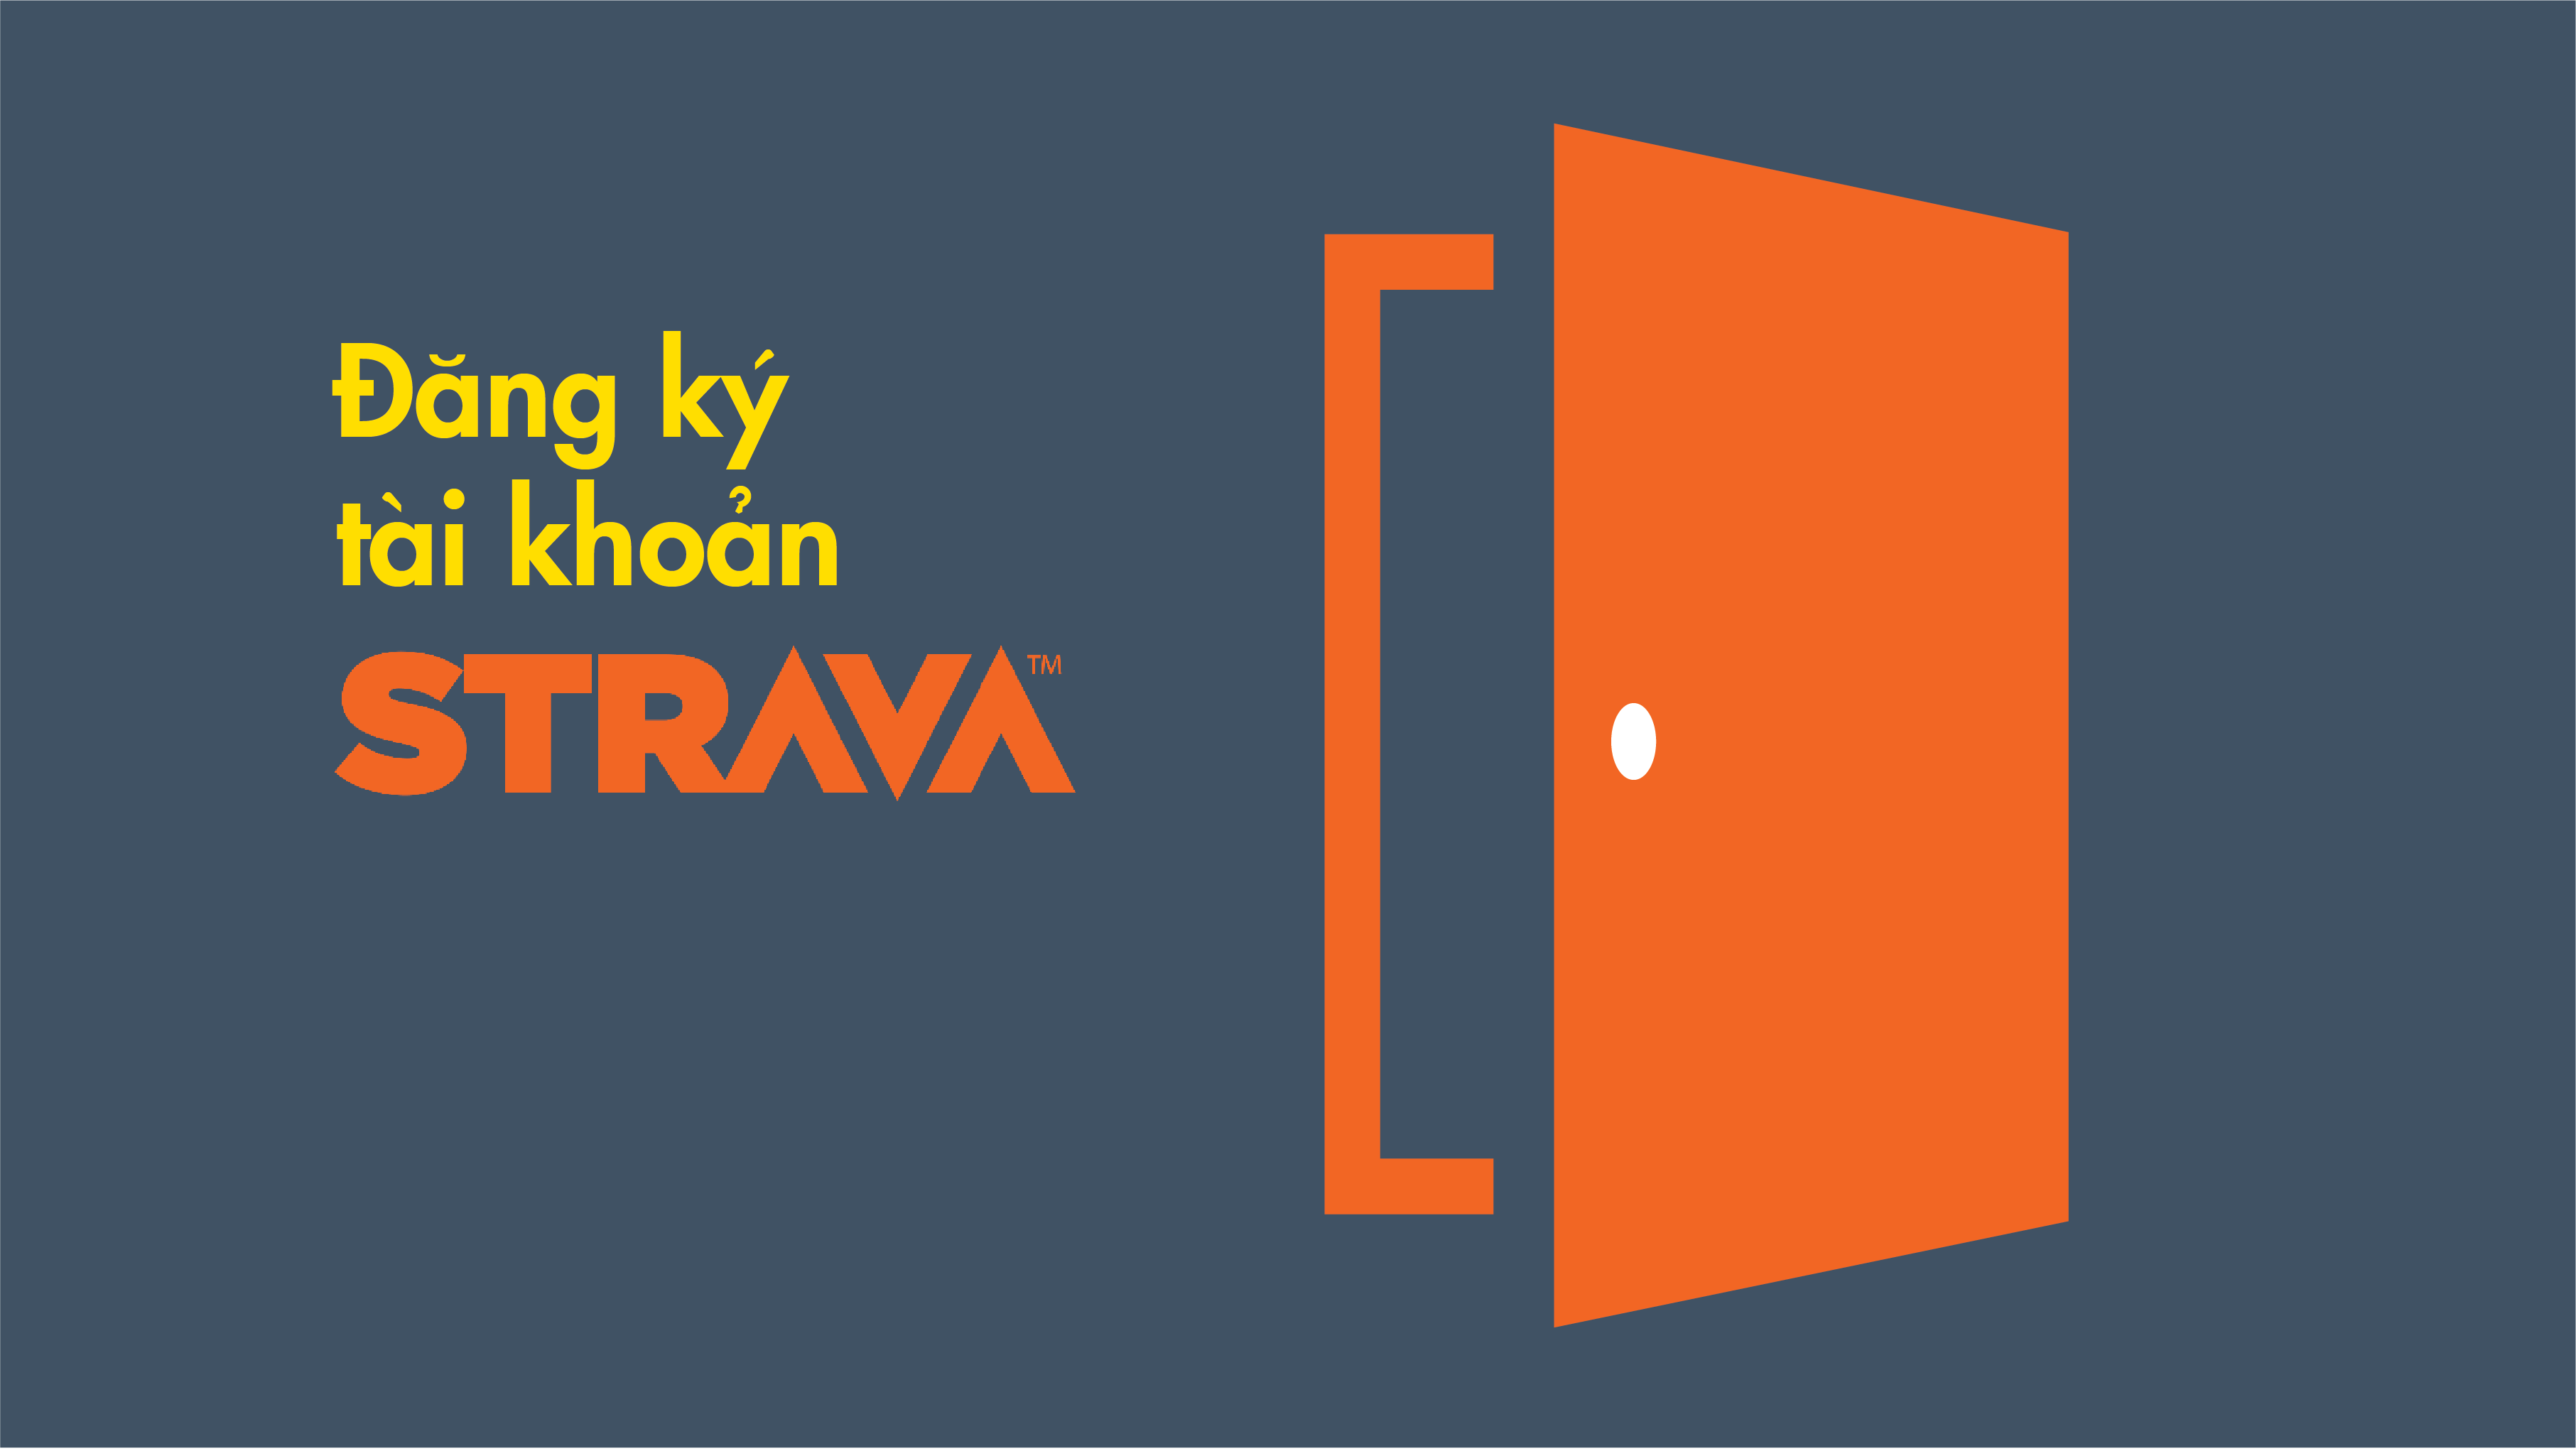 Làm thế nào để tôi đăng ký tài khoản STRAVA?